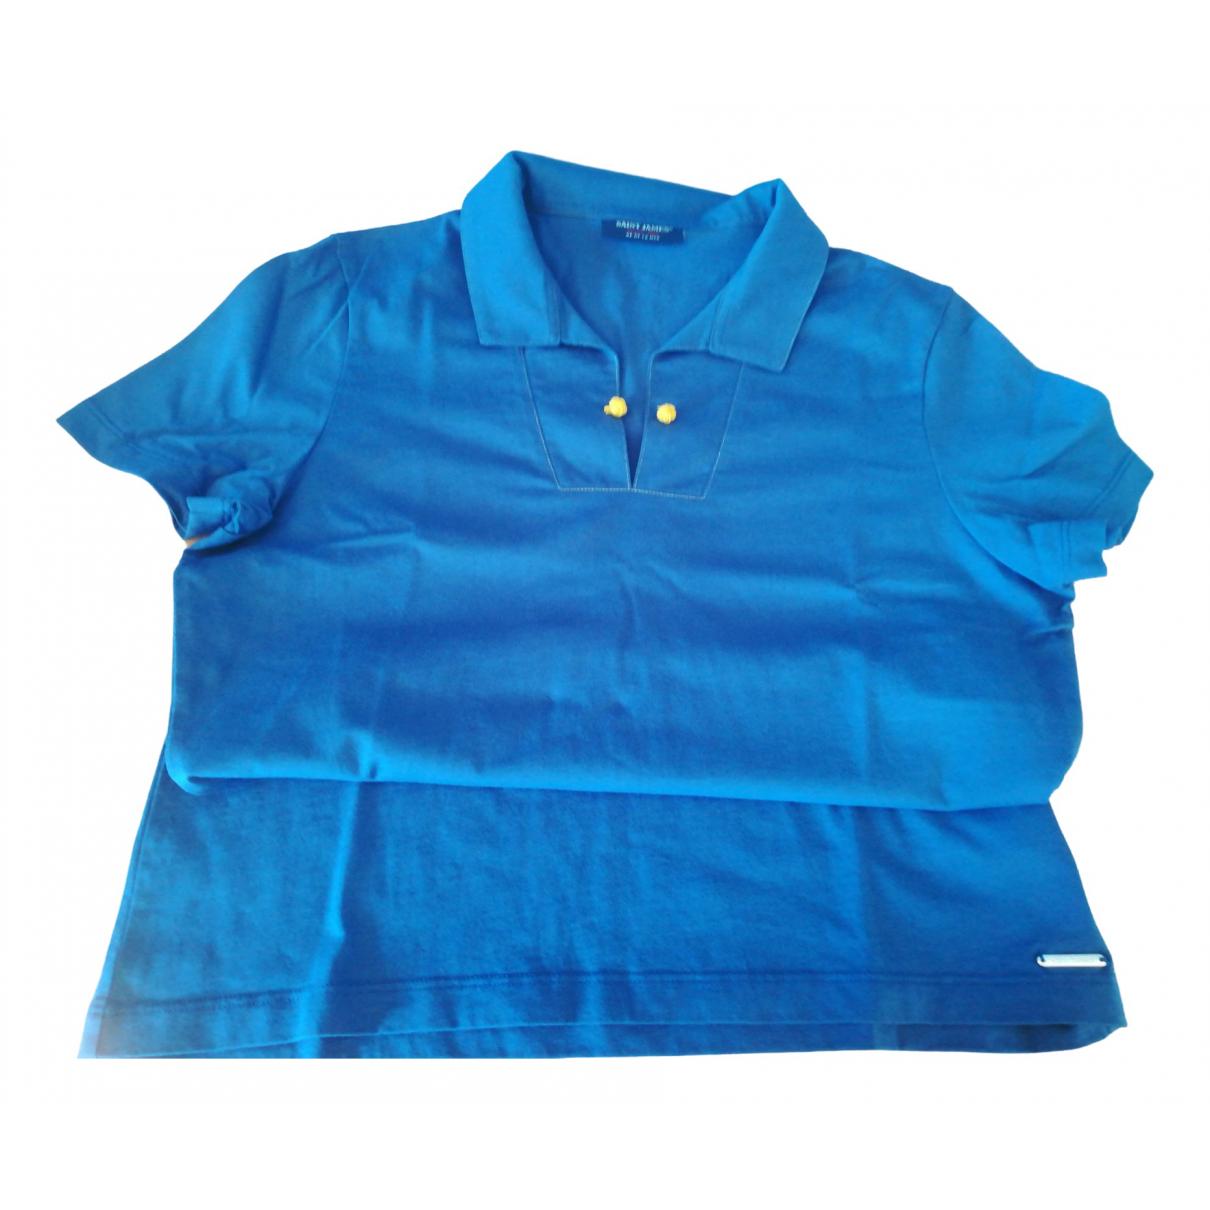 Saint James - Top   pour femme en coton - bleu